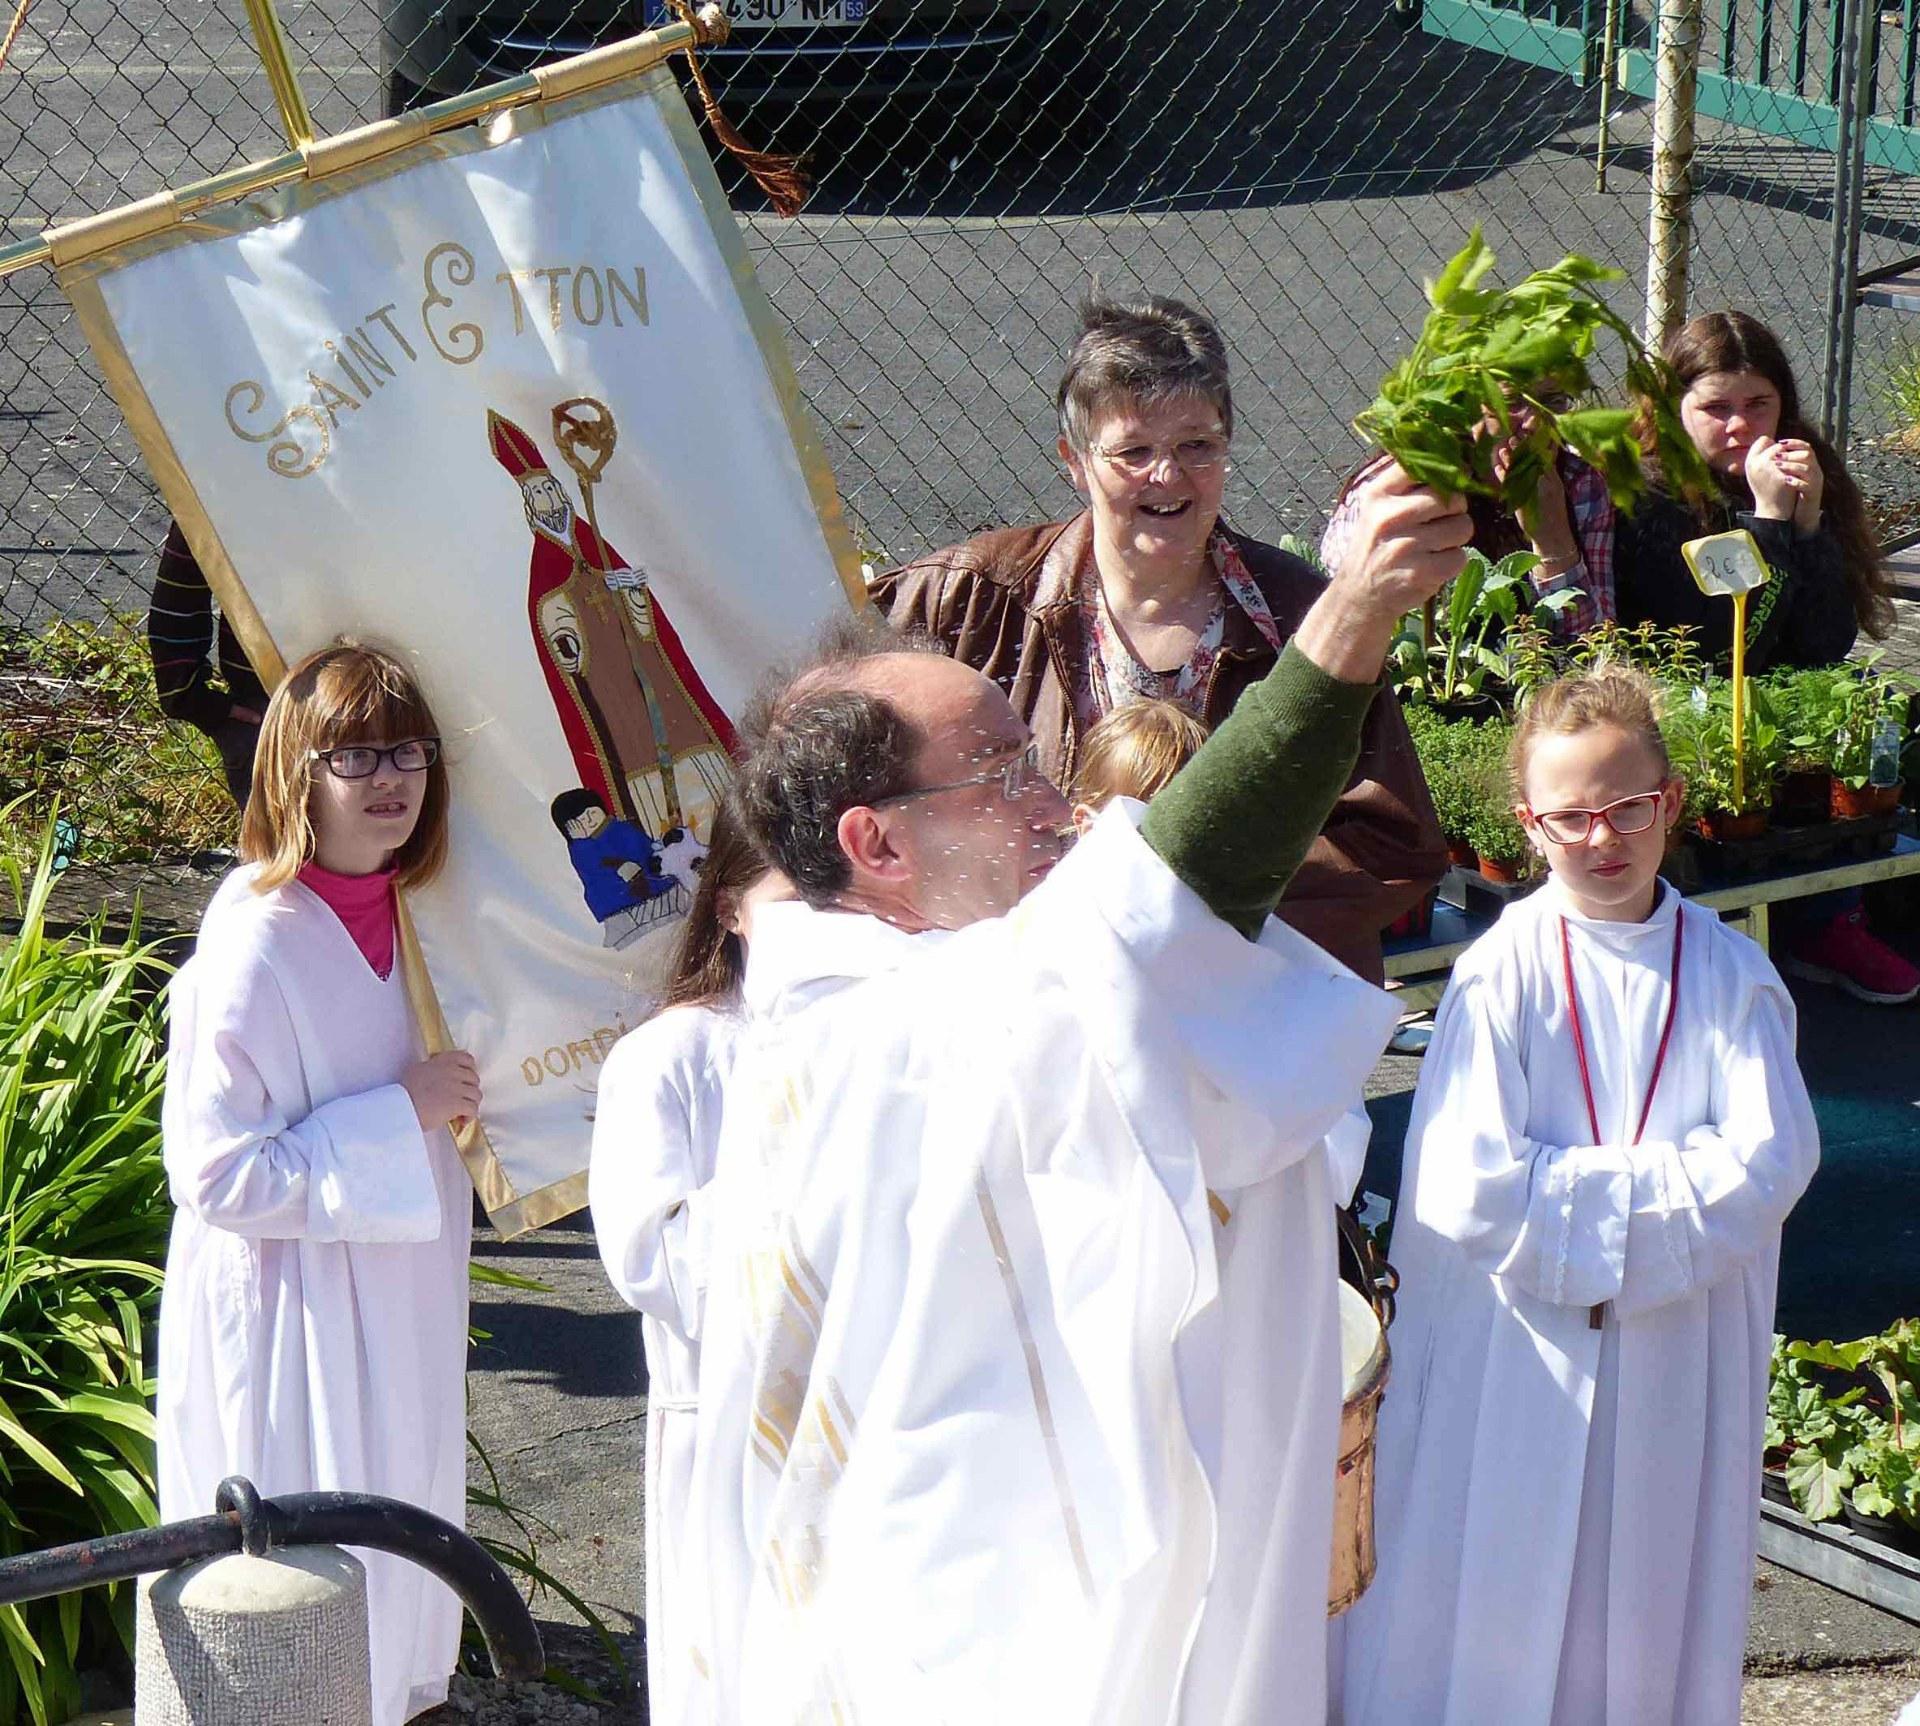 Baptisés, soyons accueillants comme le fut Saint Etton !